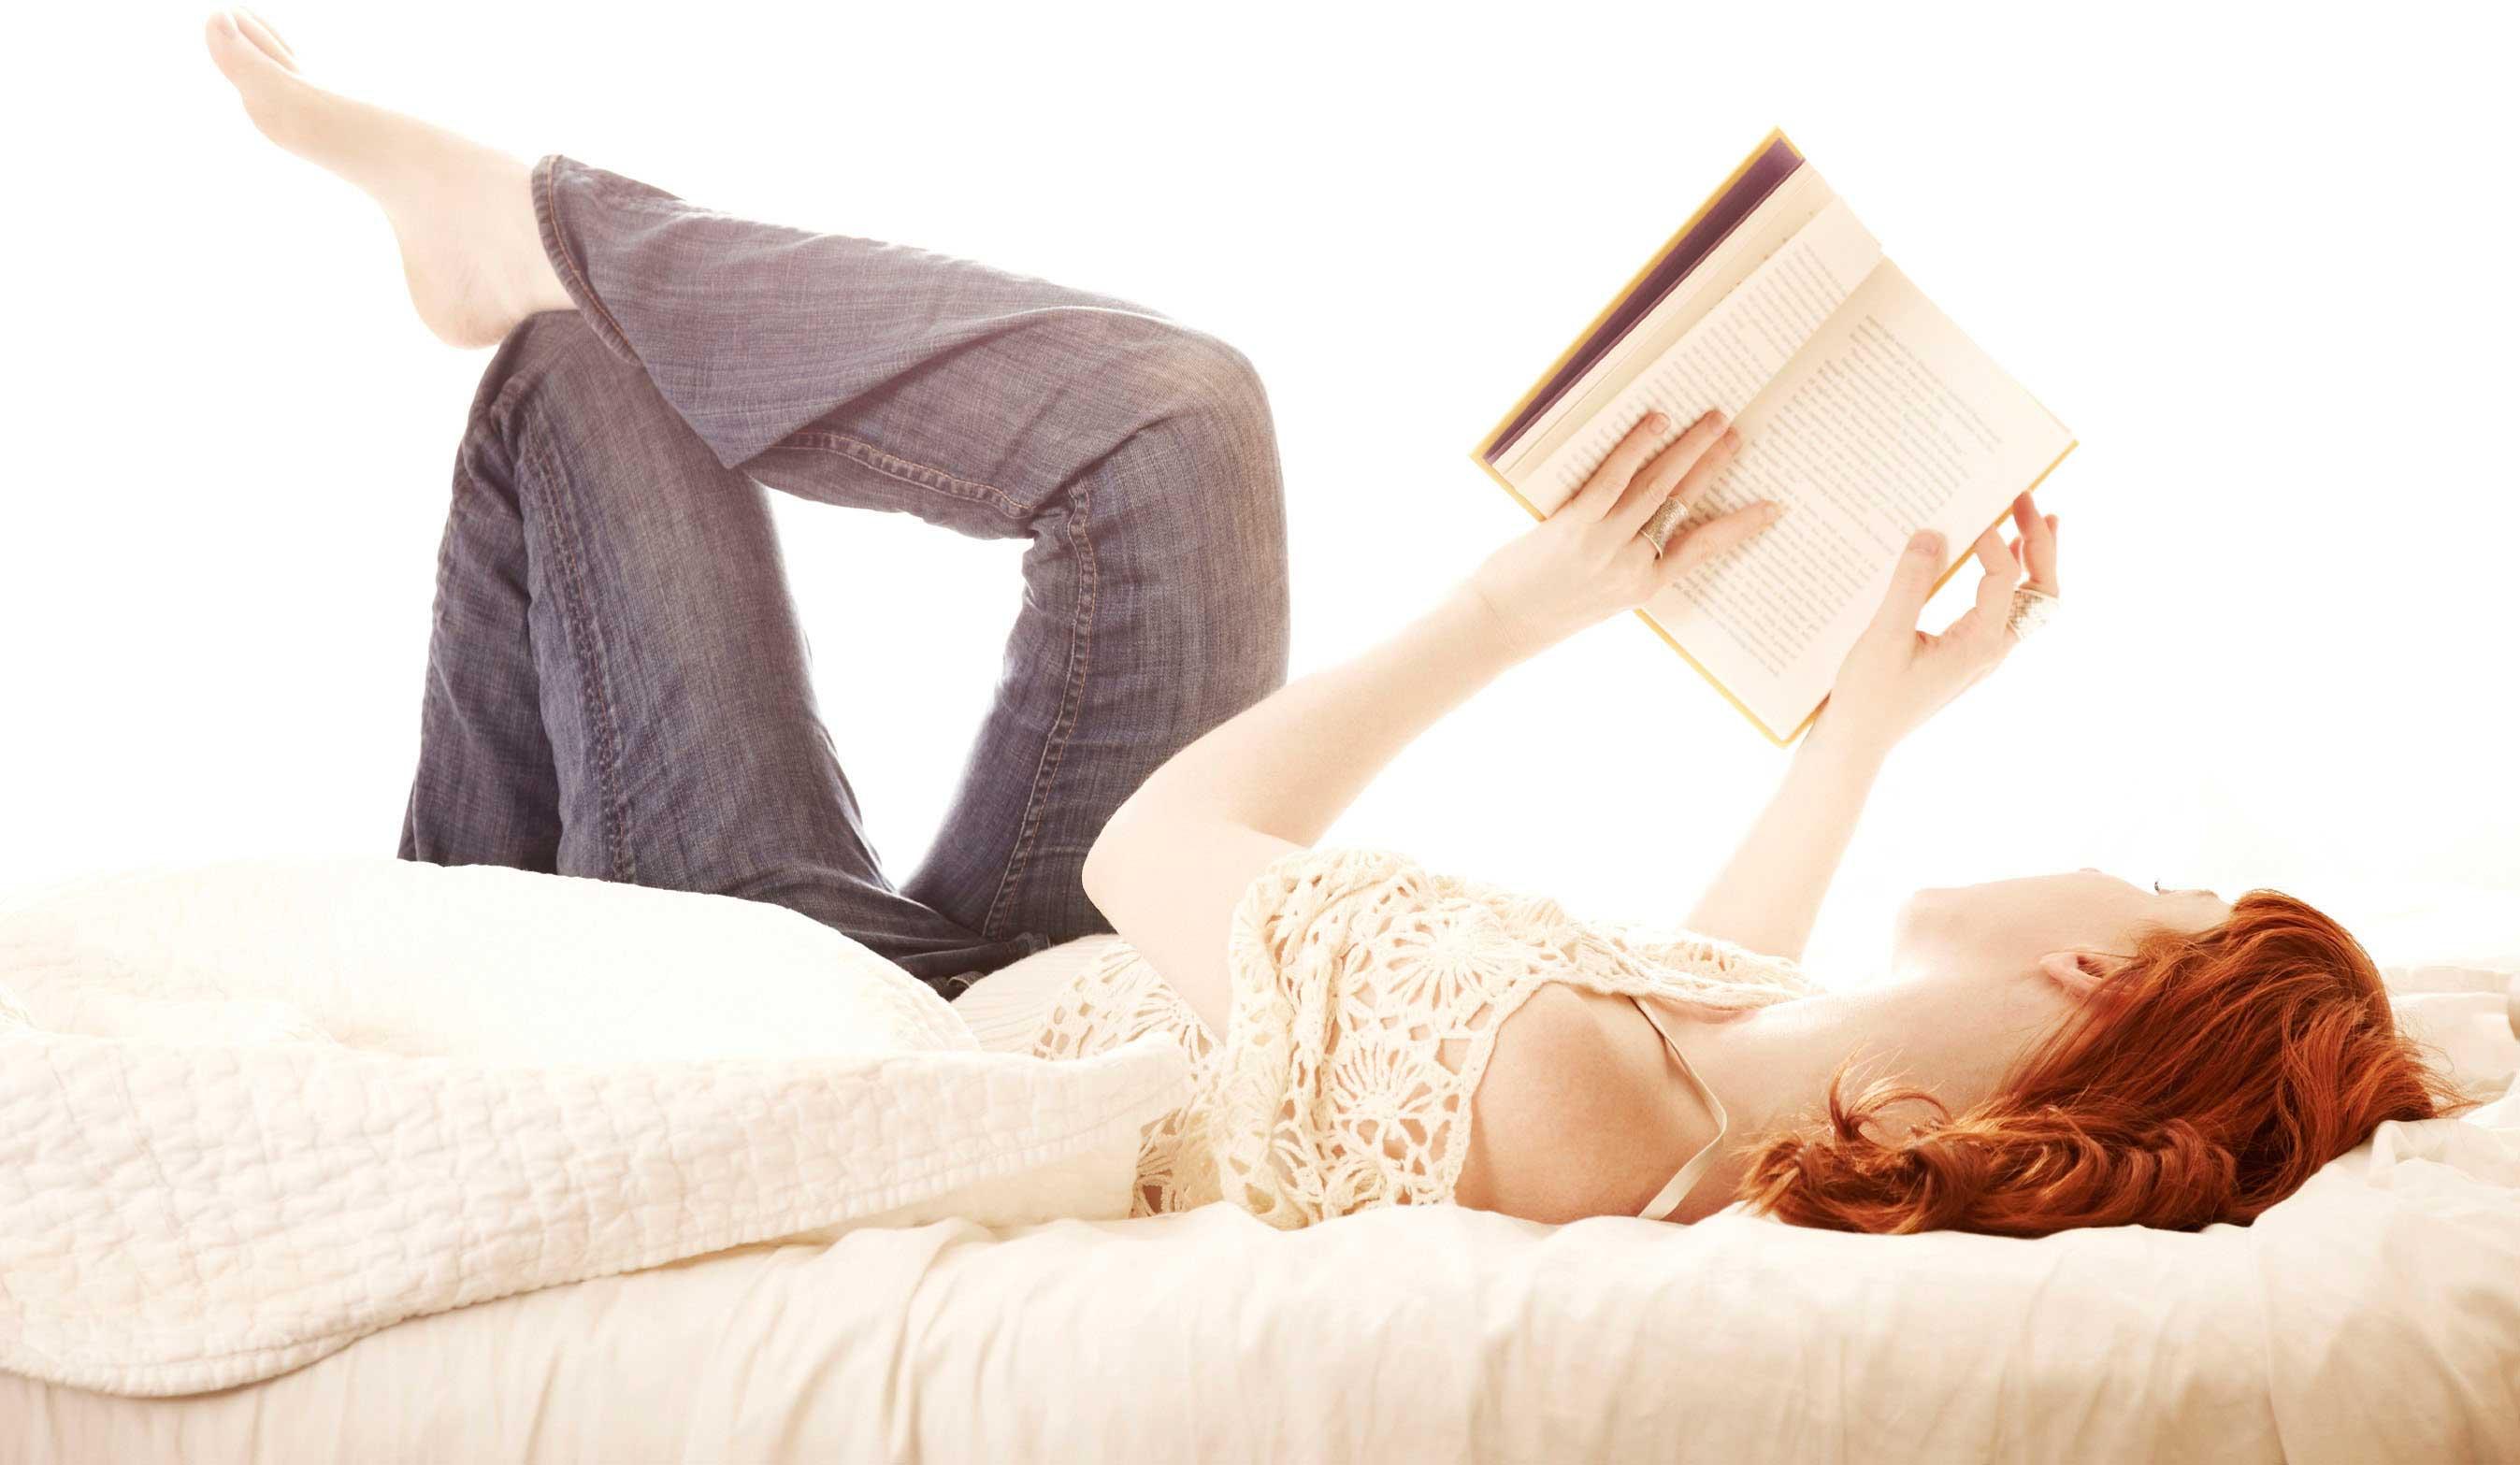 klein geluk, lekker een boek lezen